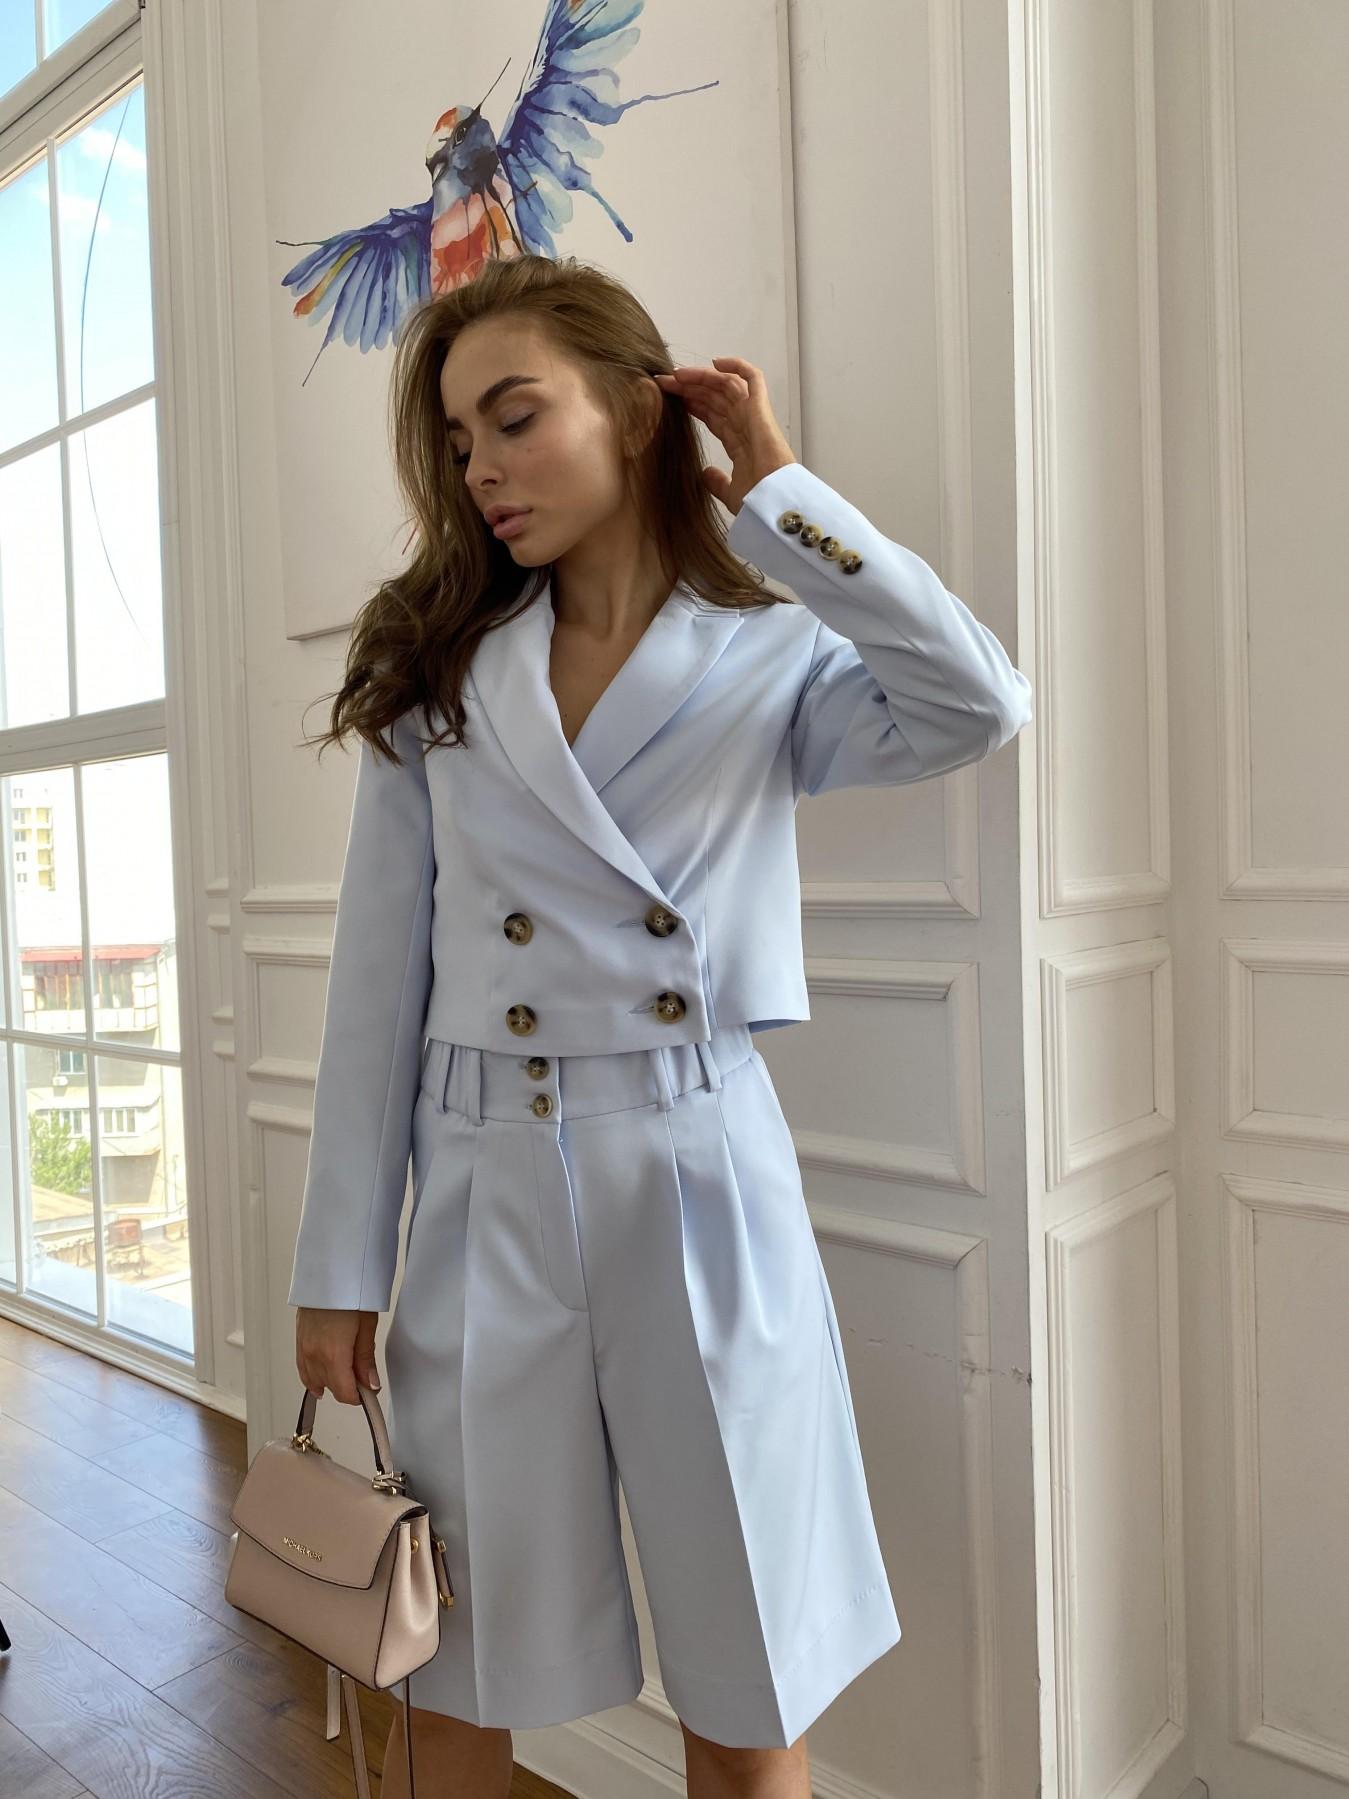 Оксфорд костюм из костюмной ткани стрейч 11548 АРТ. 48219 Цвет: Голубой - фото 5, интернет магазин tm-modus.ru